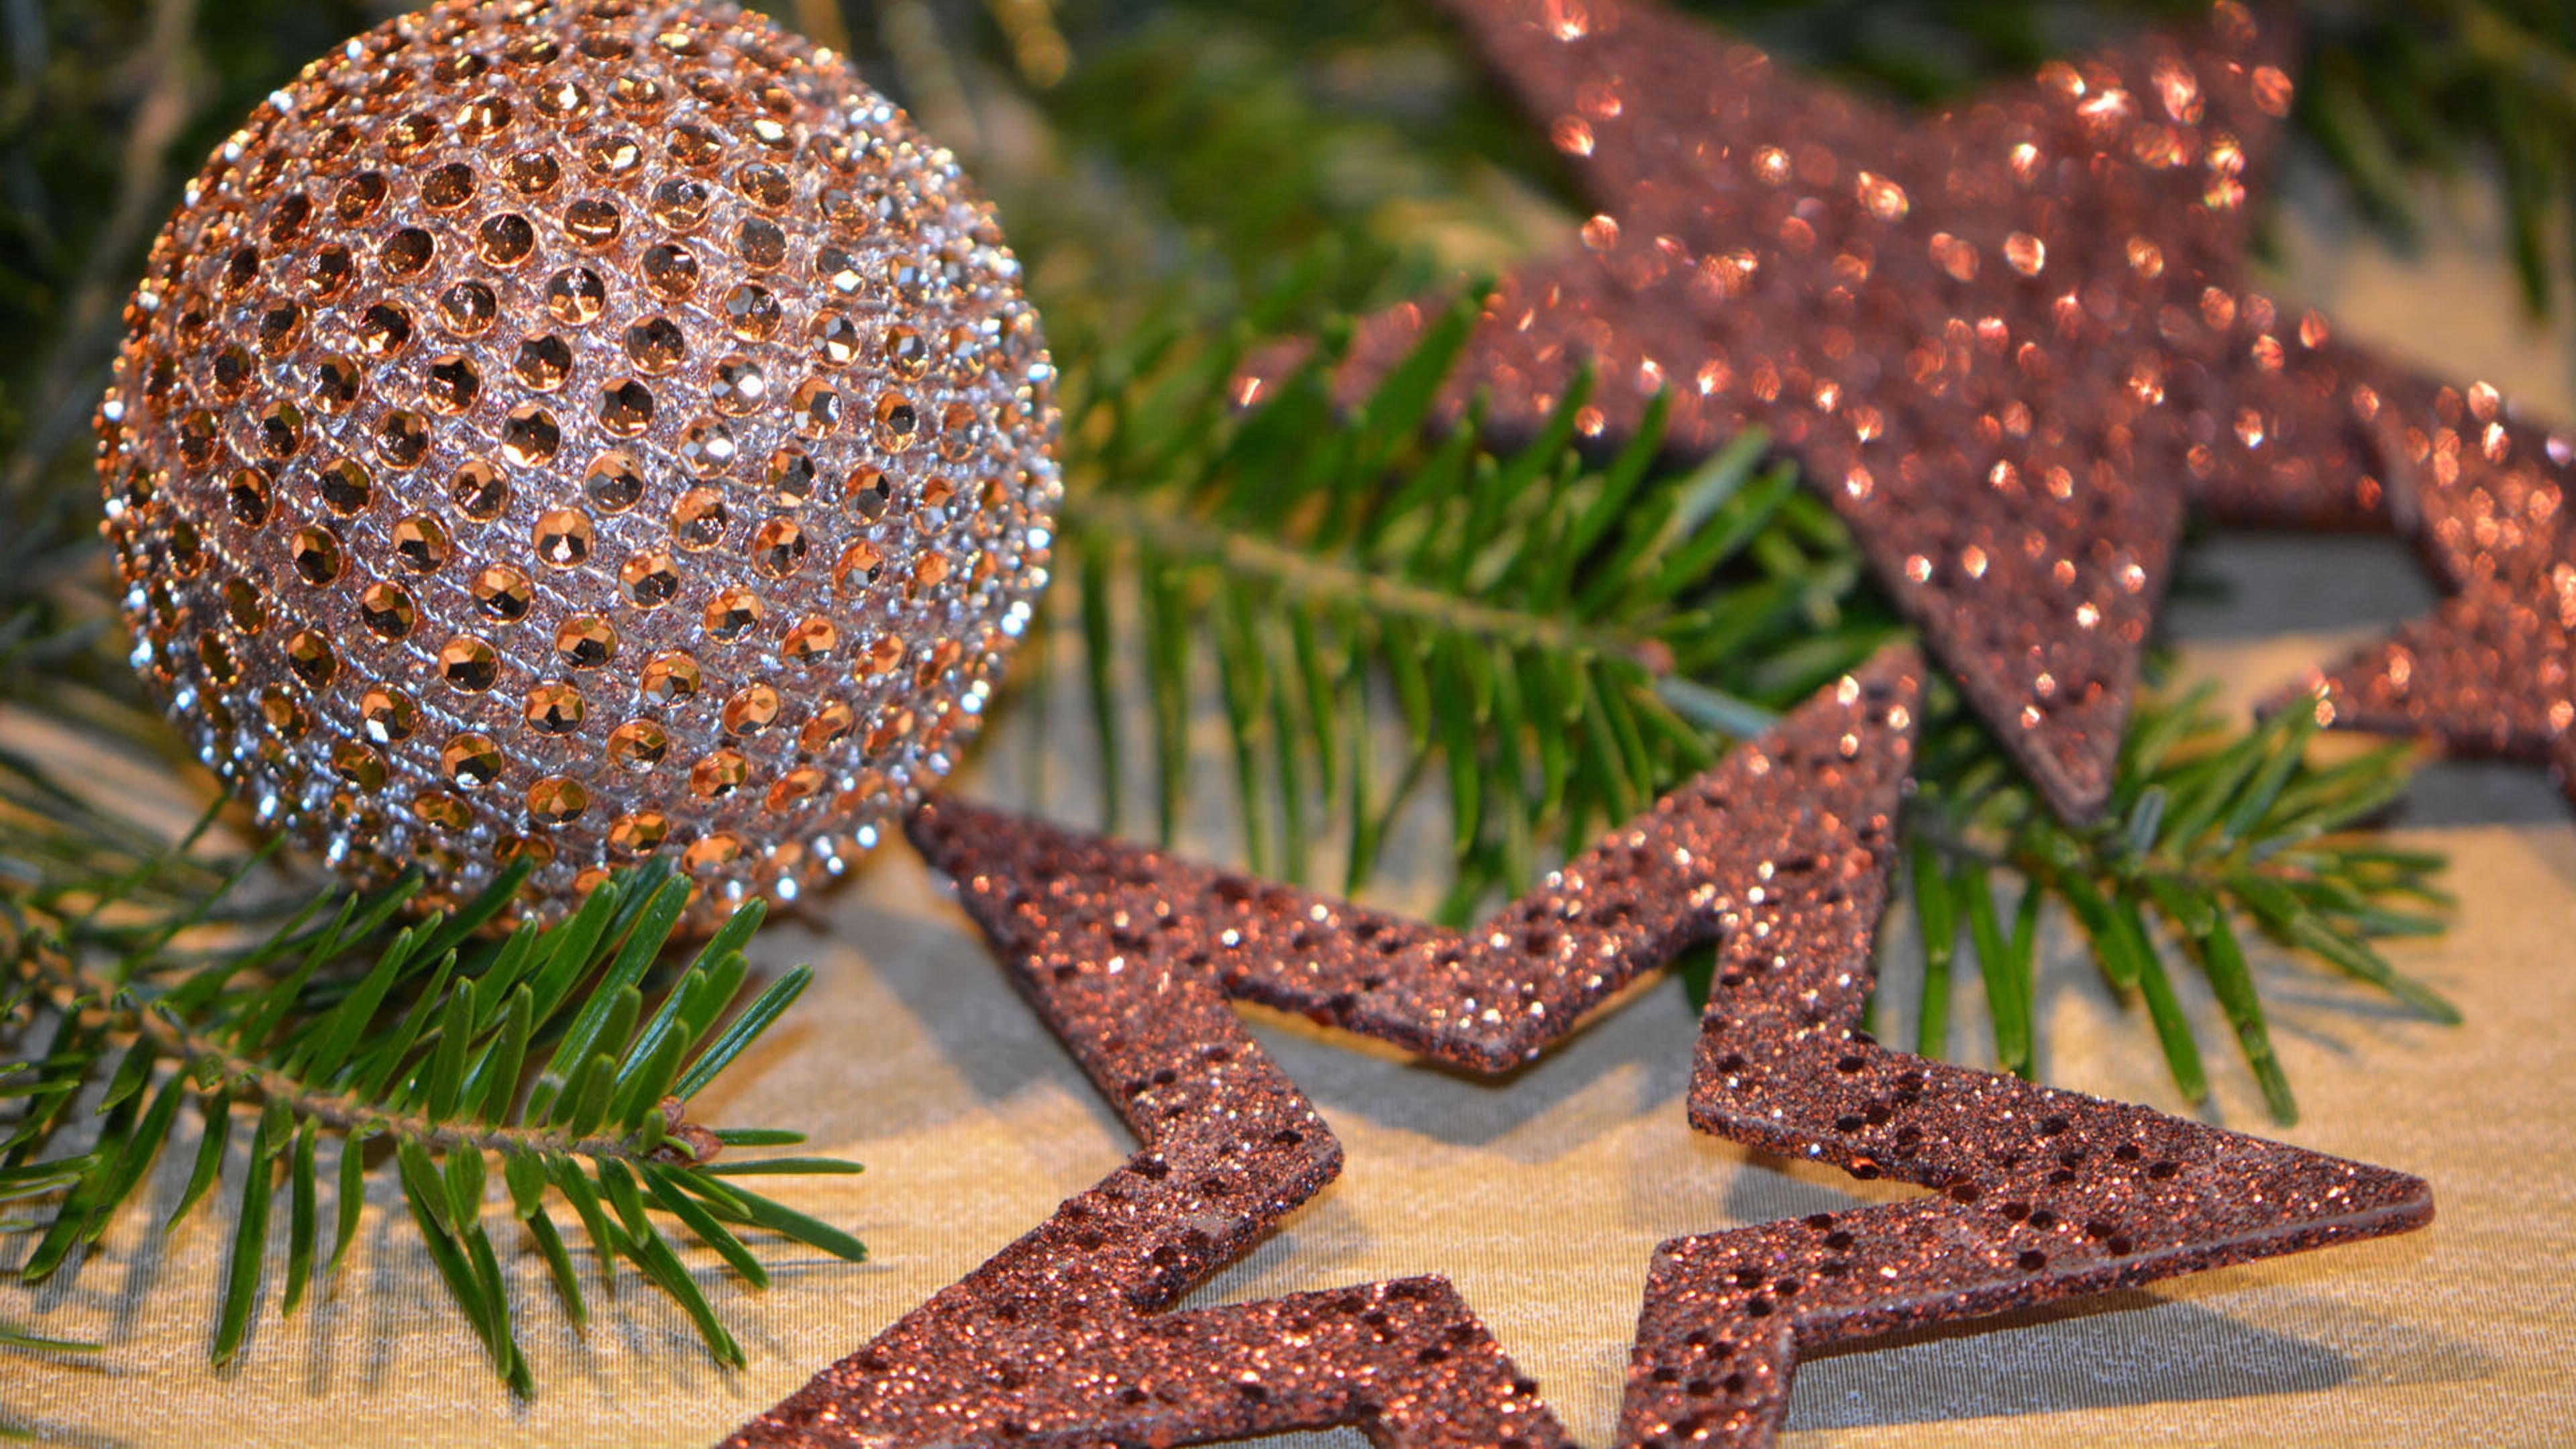 christmas balls glitter christmas 4k 1538345062 - christmas balls, glitter, christmas 4k - Glitter, christmas balls, Christmas